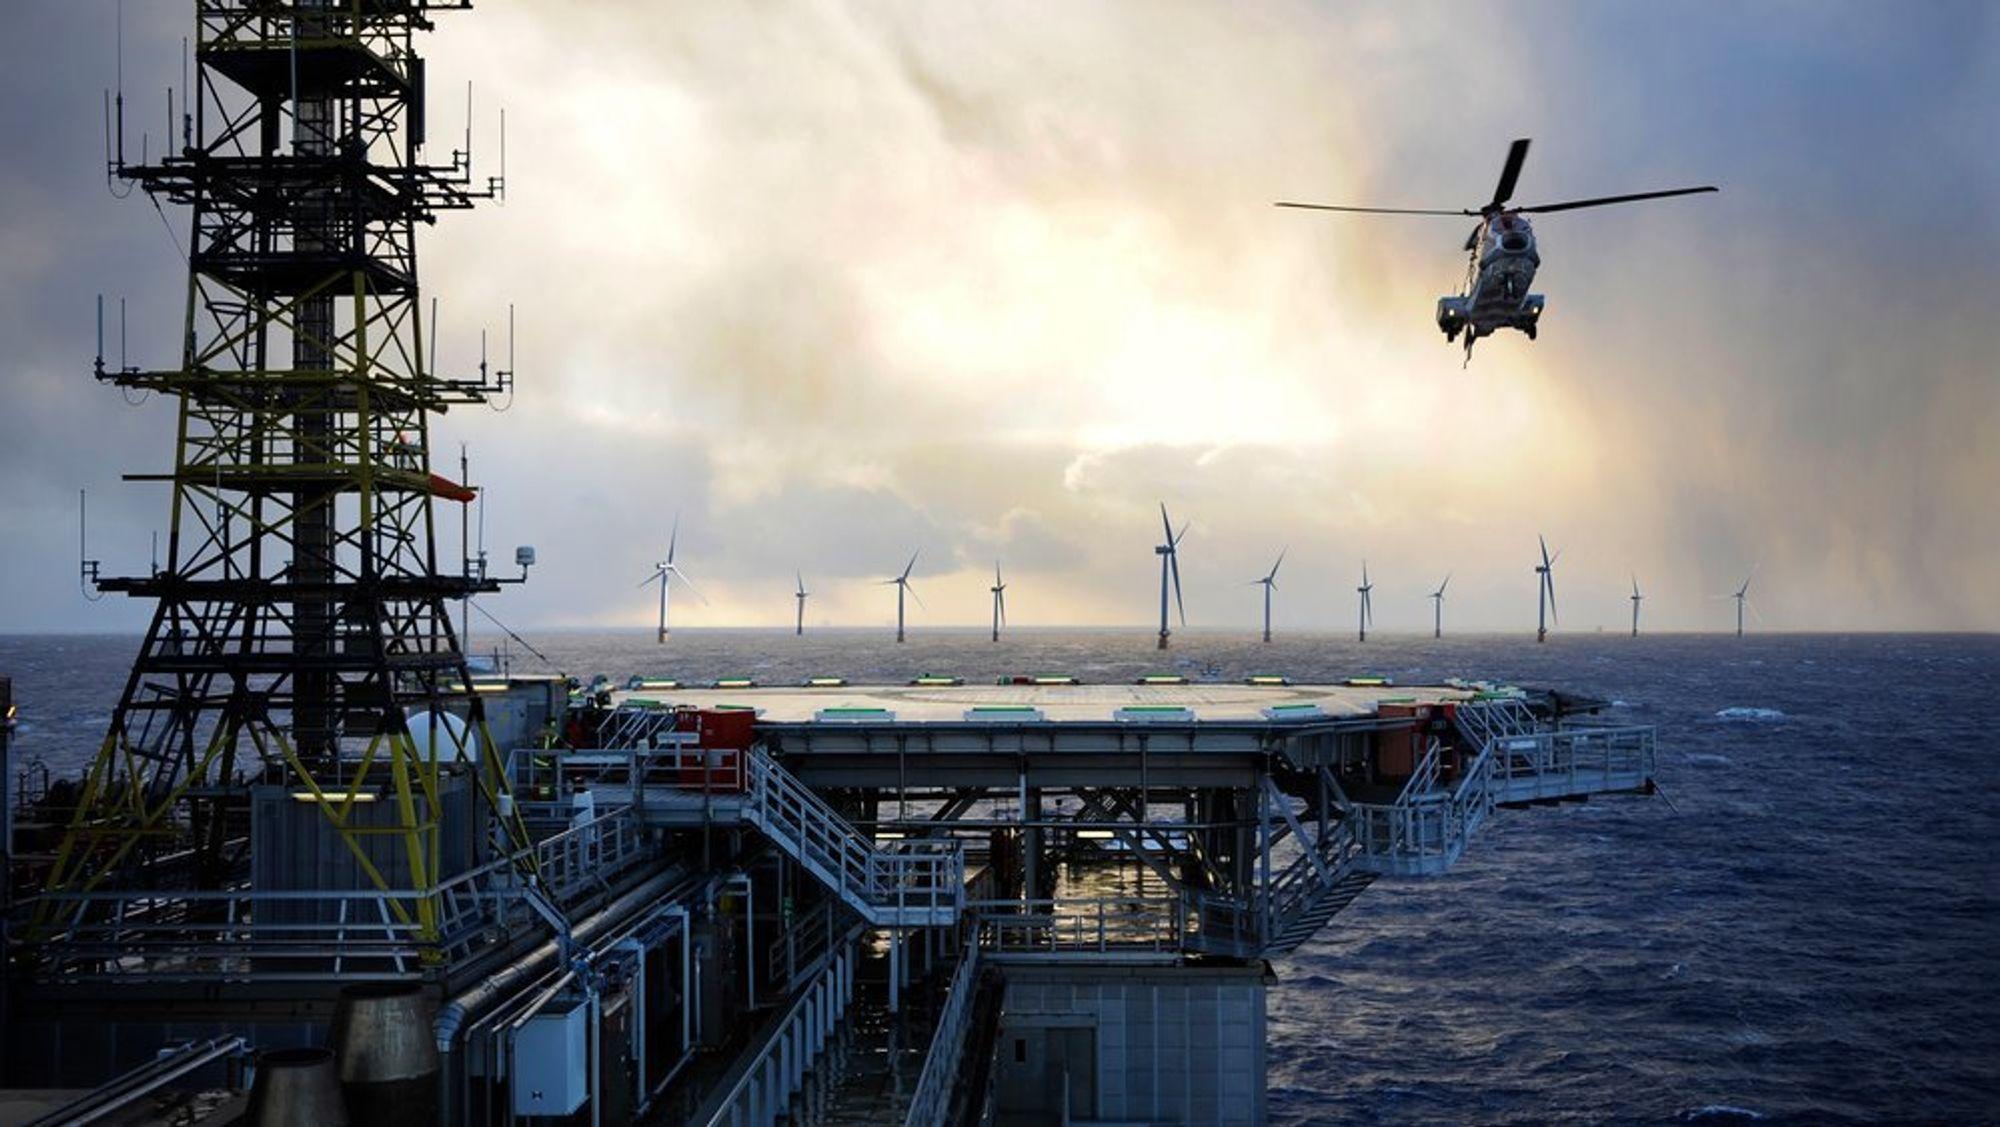 Equinor og partnerne på Gullfaks og Snorre ser på muligheten for å forsyne plattfomene på feltene med strøm fra flytende havvind.